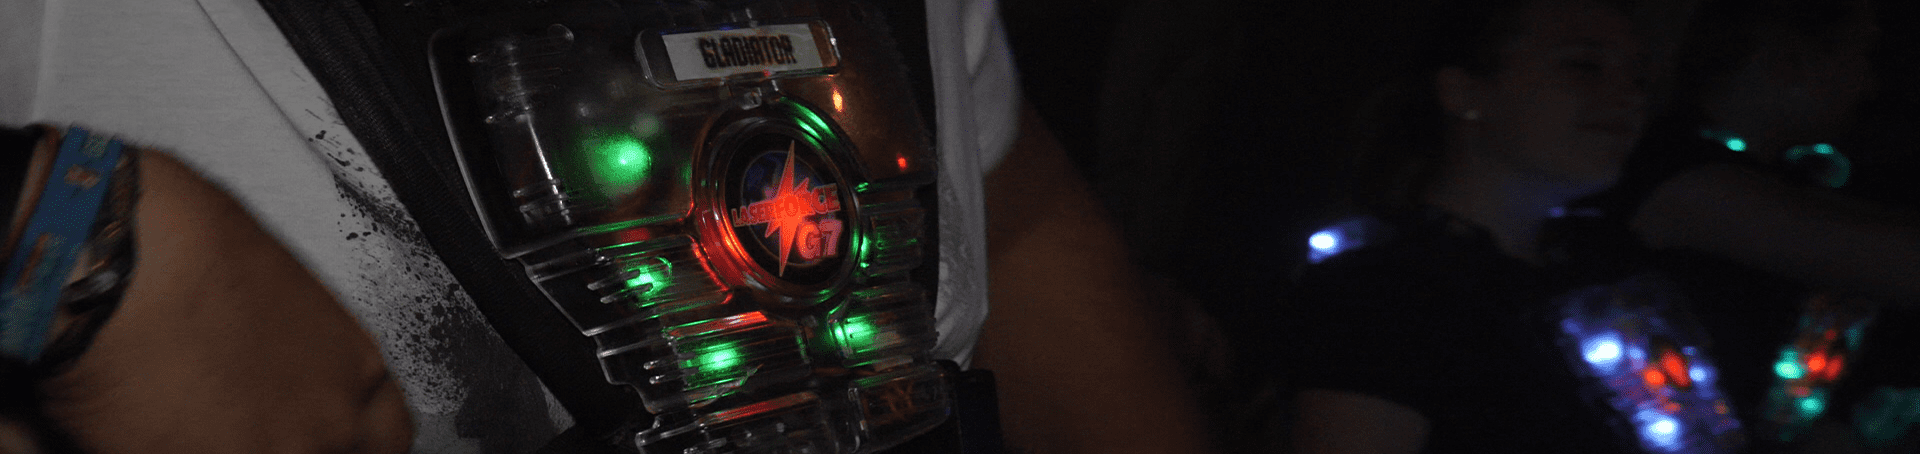 Die Lasertagausrüstung